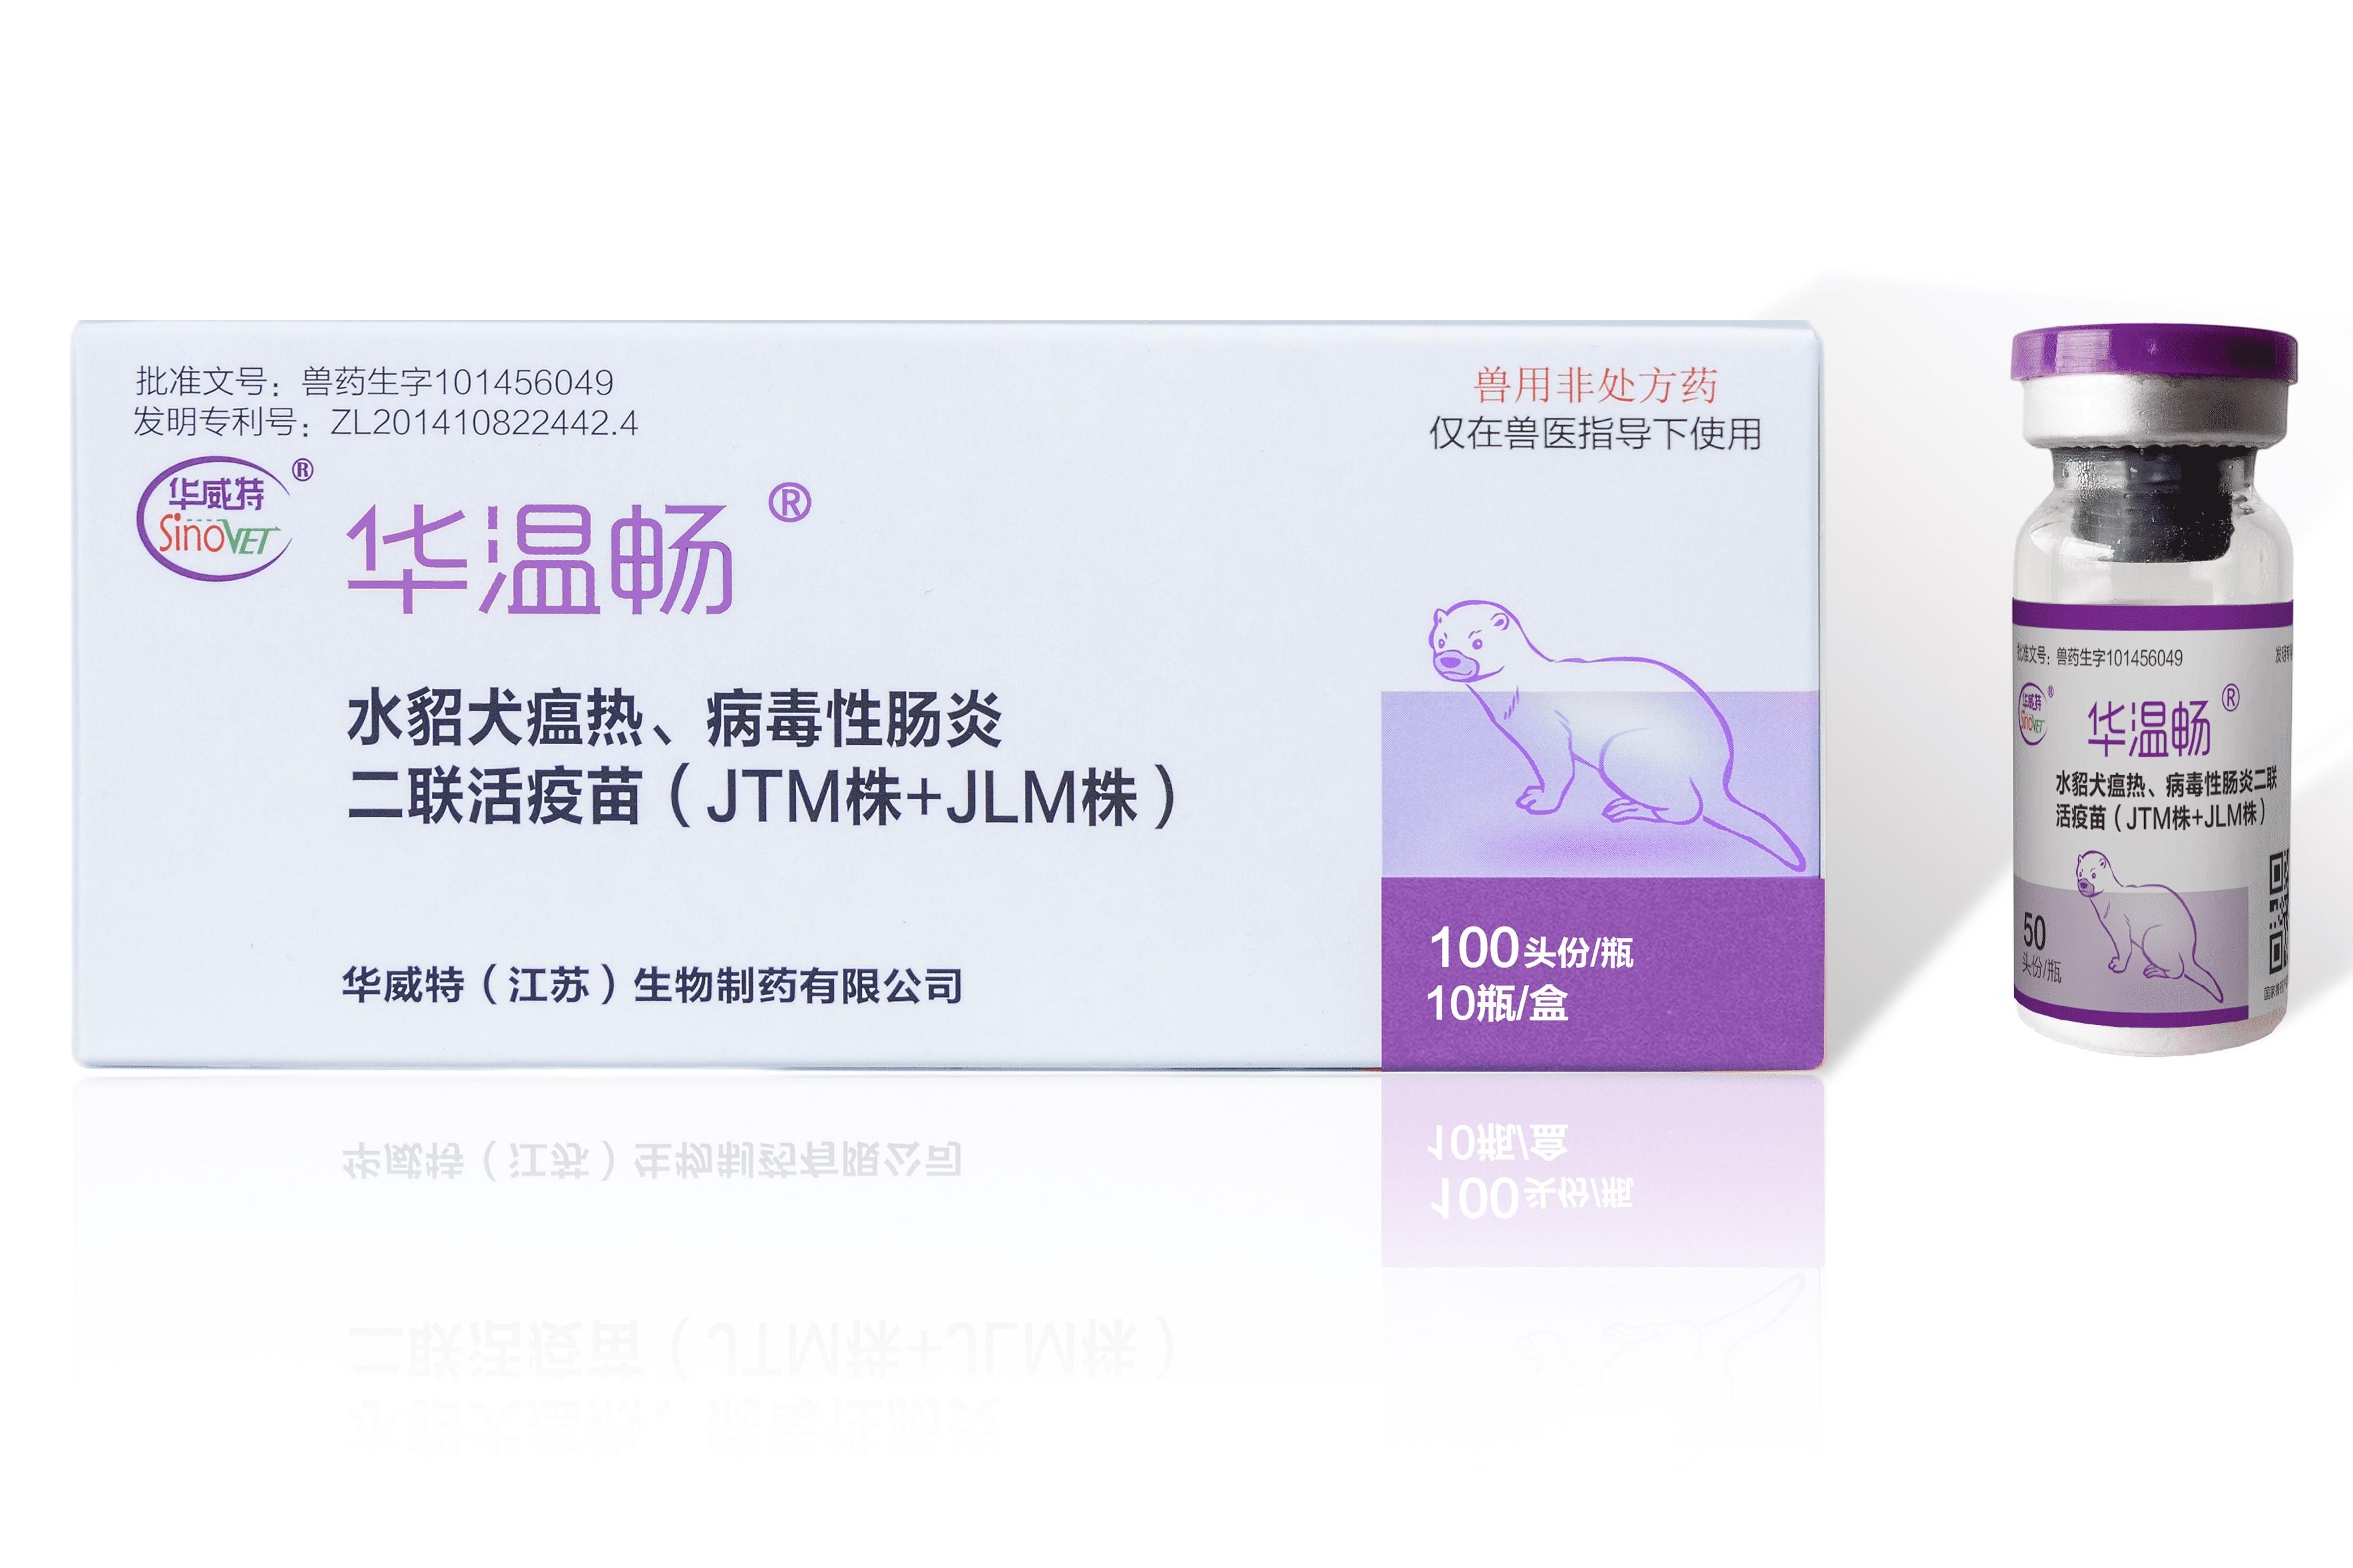 水貂犬瘟热、病毒性肠炎二联活疫苗(TJM株+JLM株)产品特点